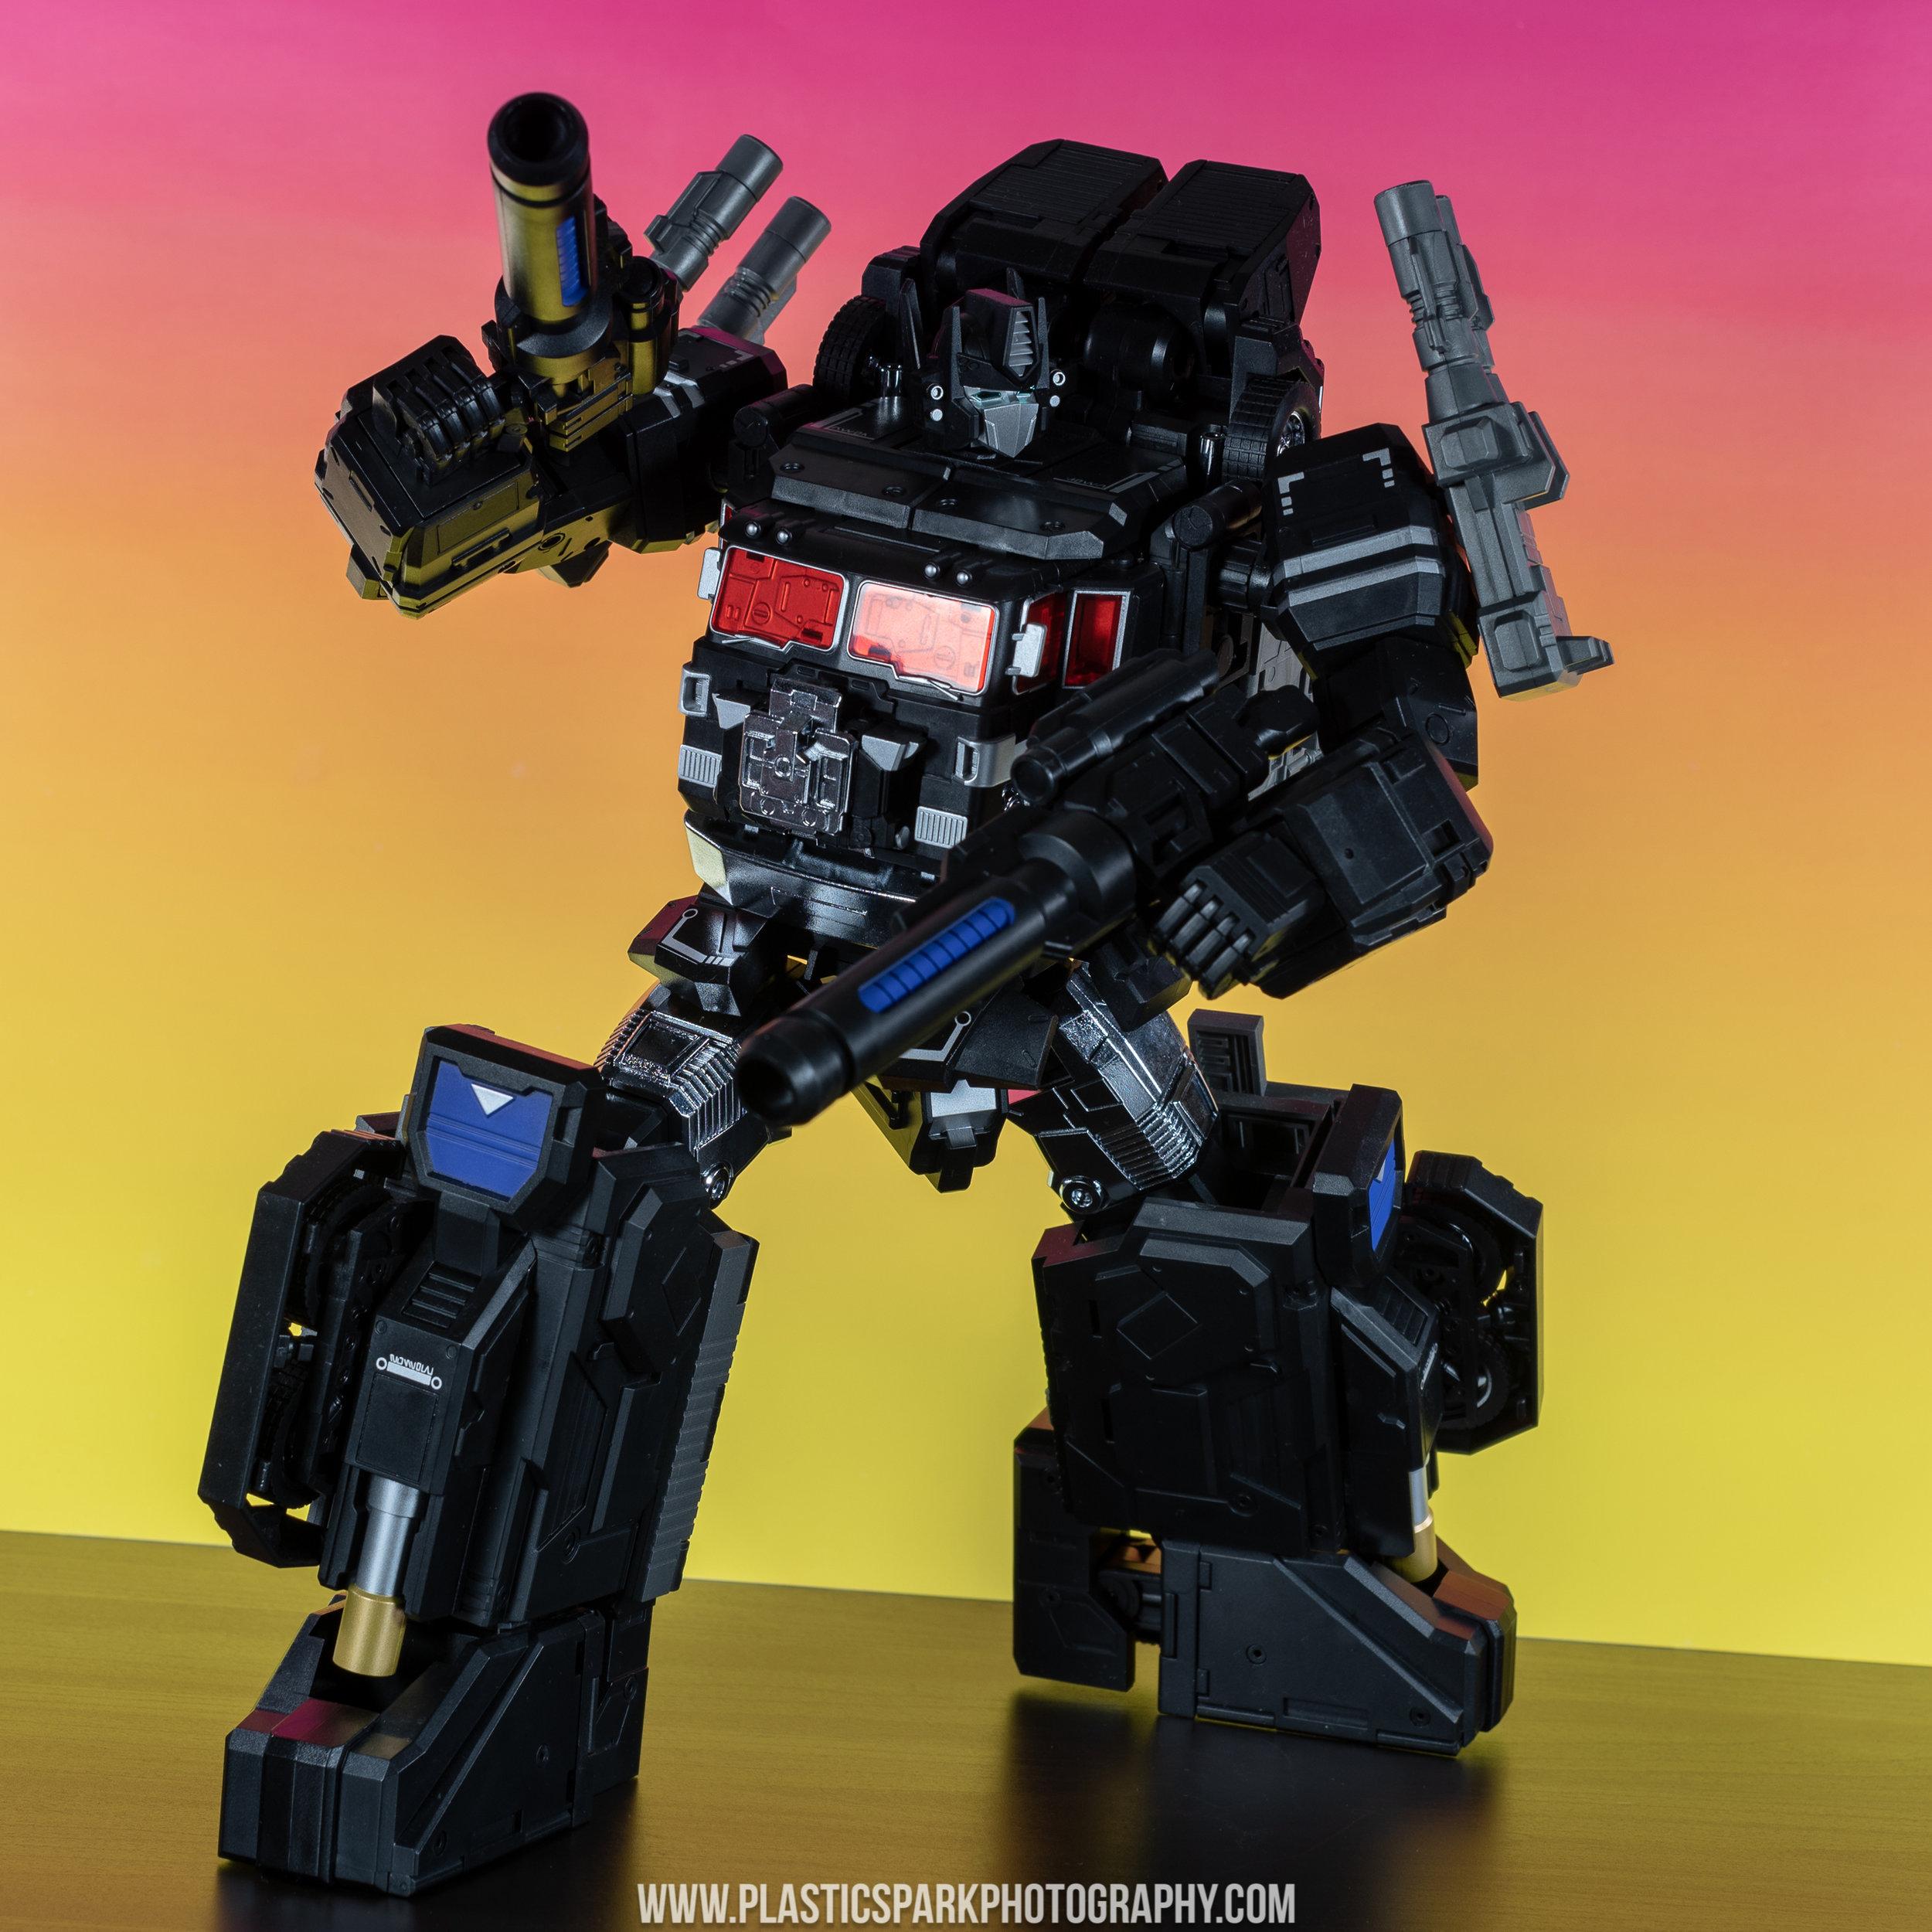 Fans Hobby MB-06A Black Power Baser (3 of 52).jpg